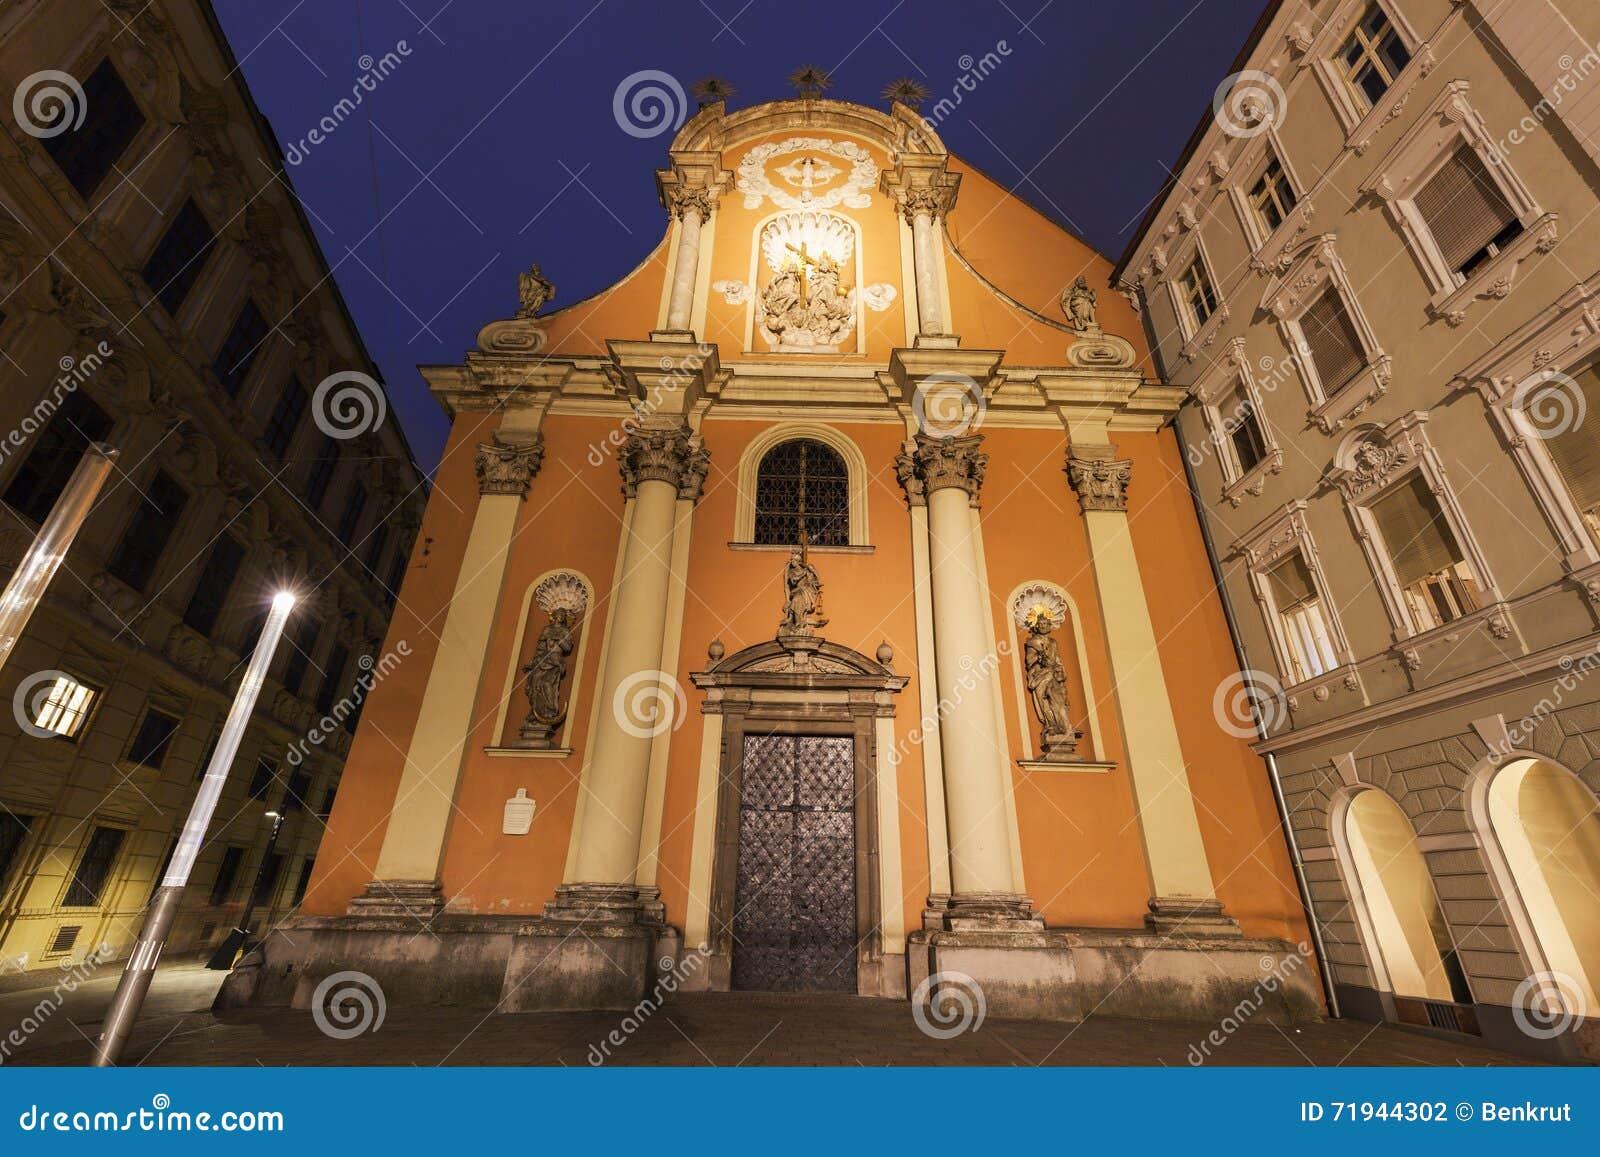 Dreifaltigkeitskirche в Граце